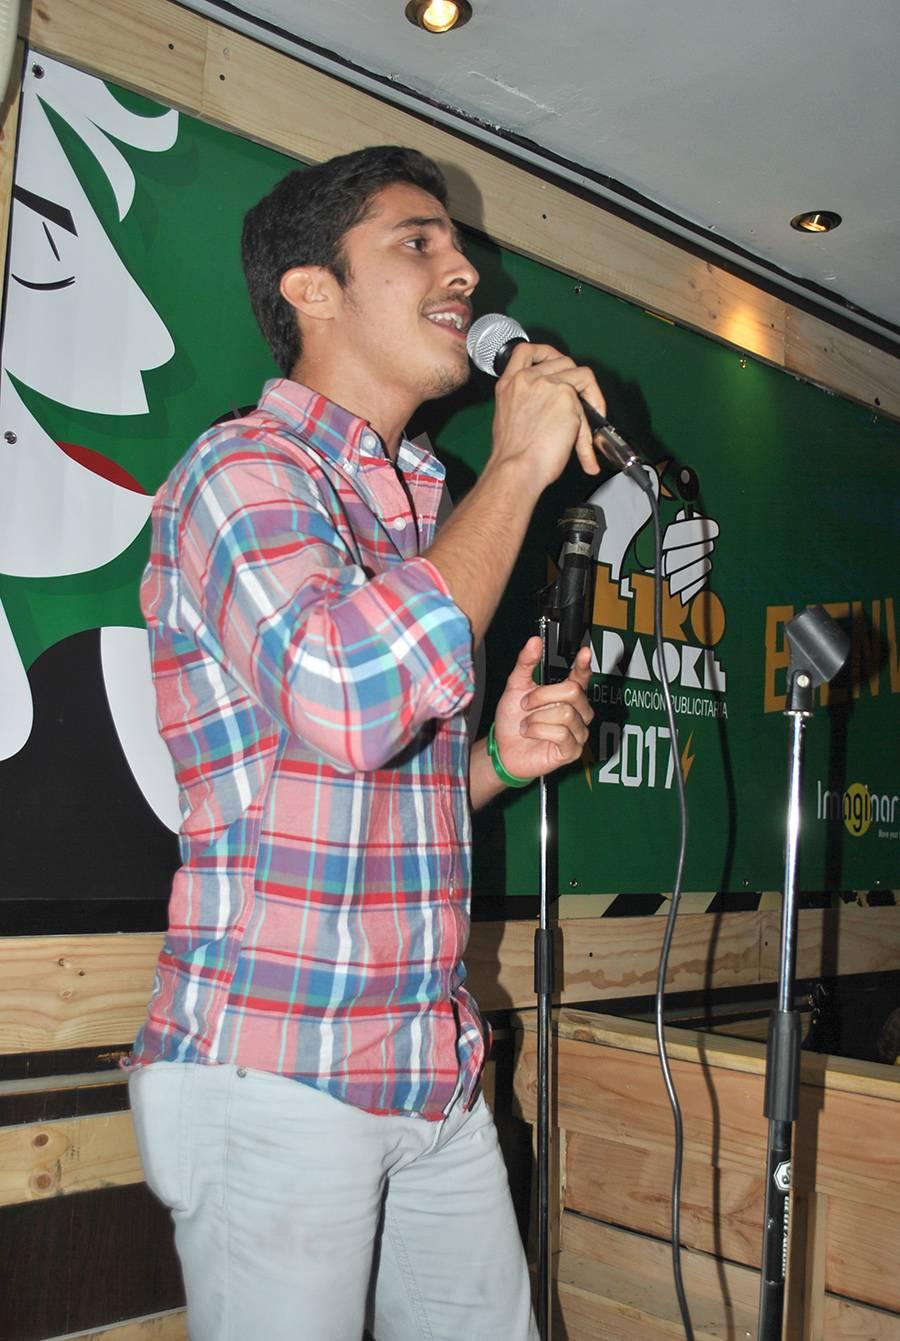 Metro Karaoke festival cancion publicitaria